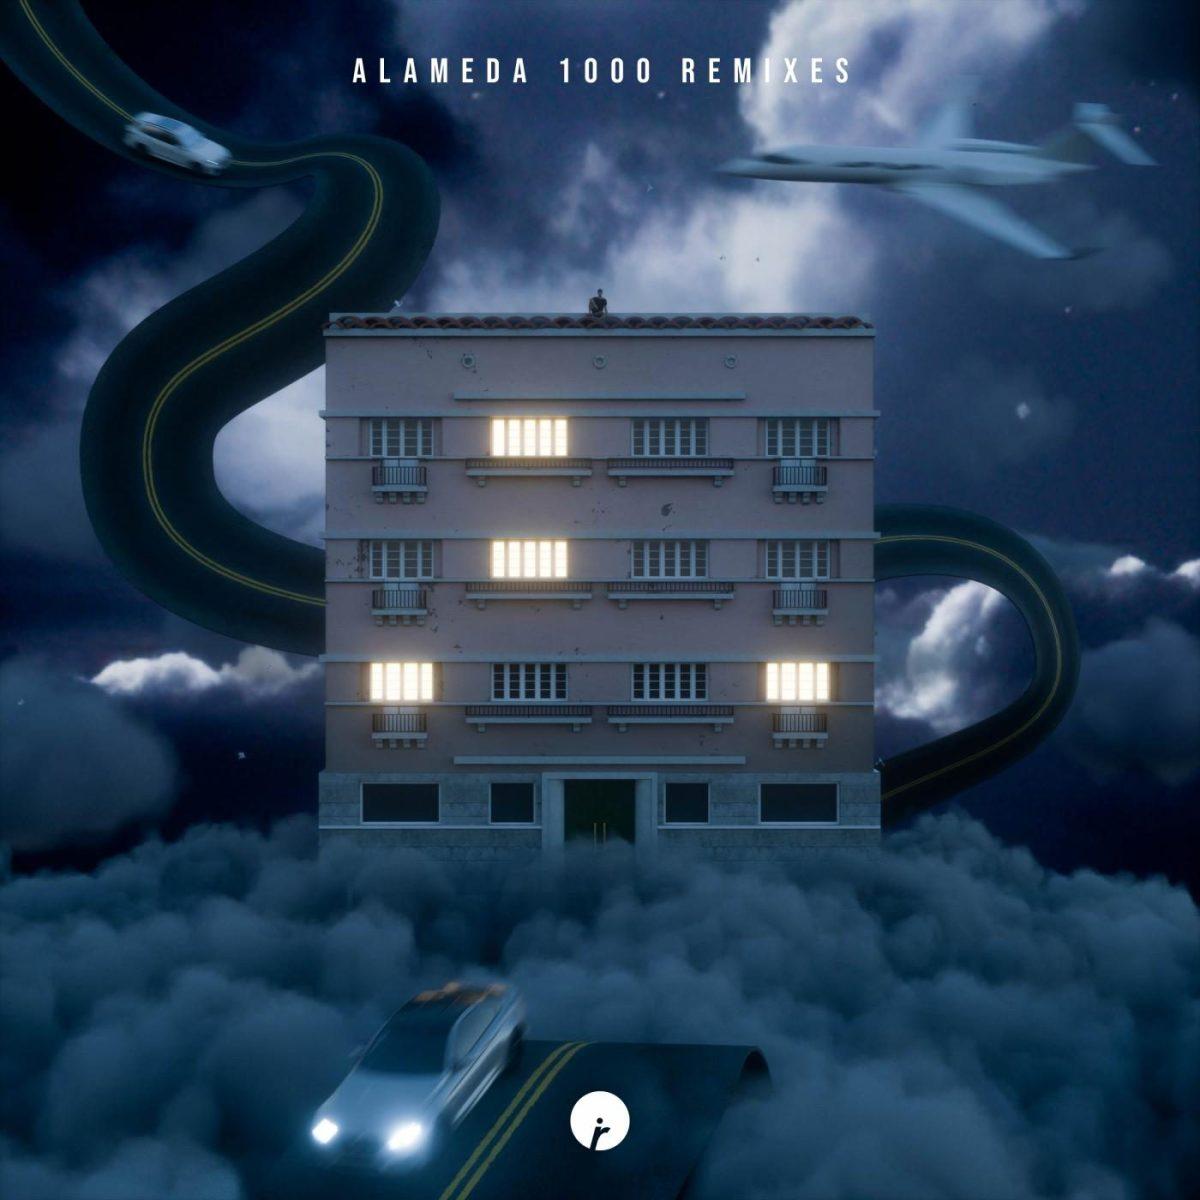 Holly - Alameda 1000 Remixes (Baauer Remix)